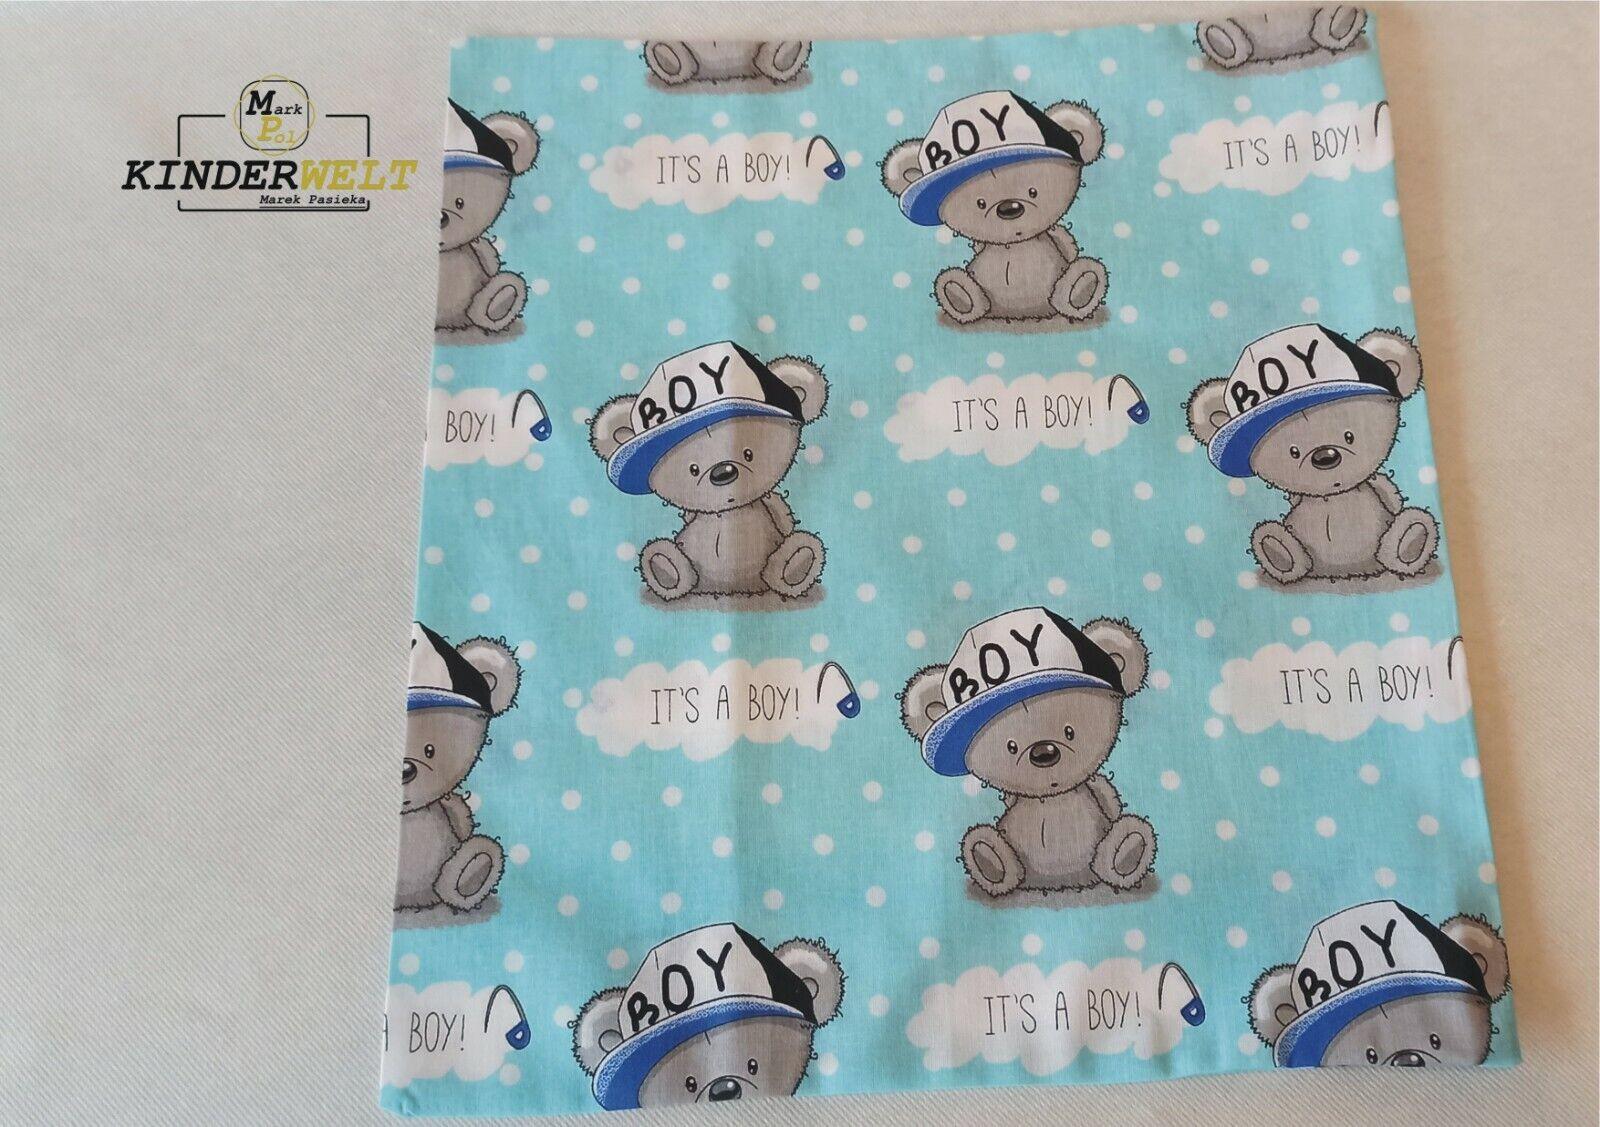 Kissenbezug Kissenbezug Kissenbezug 100% Baumwolle für Kinder Kleinkinder